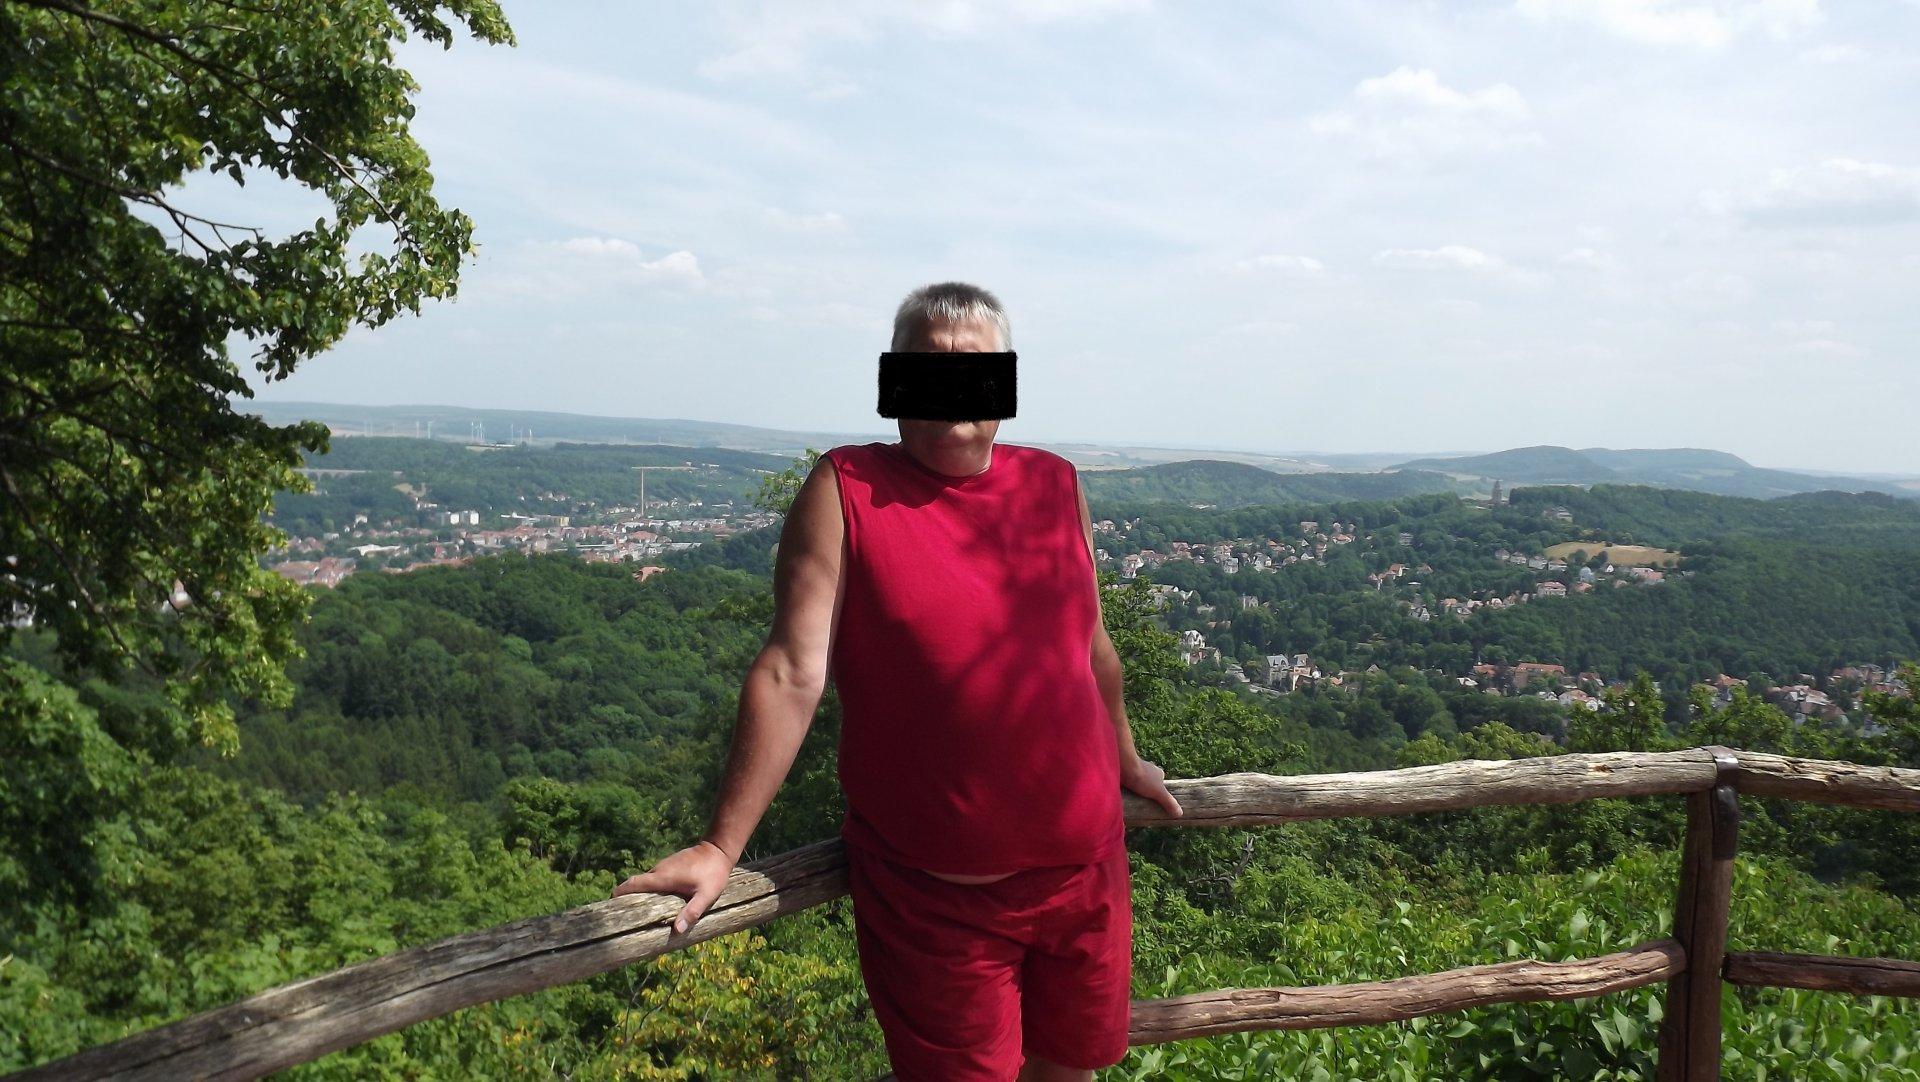 legolas53 aus Hessen,Deutschland